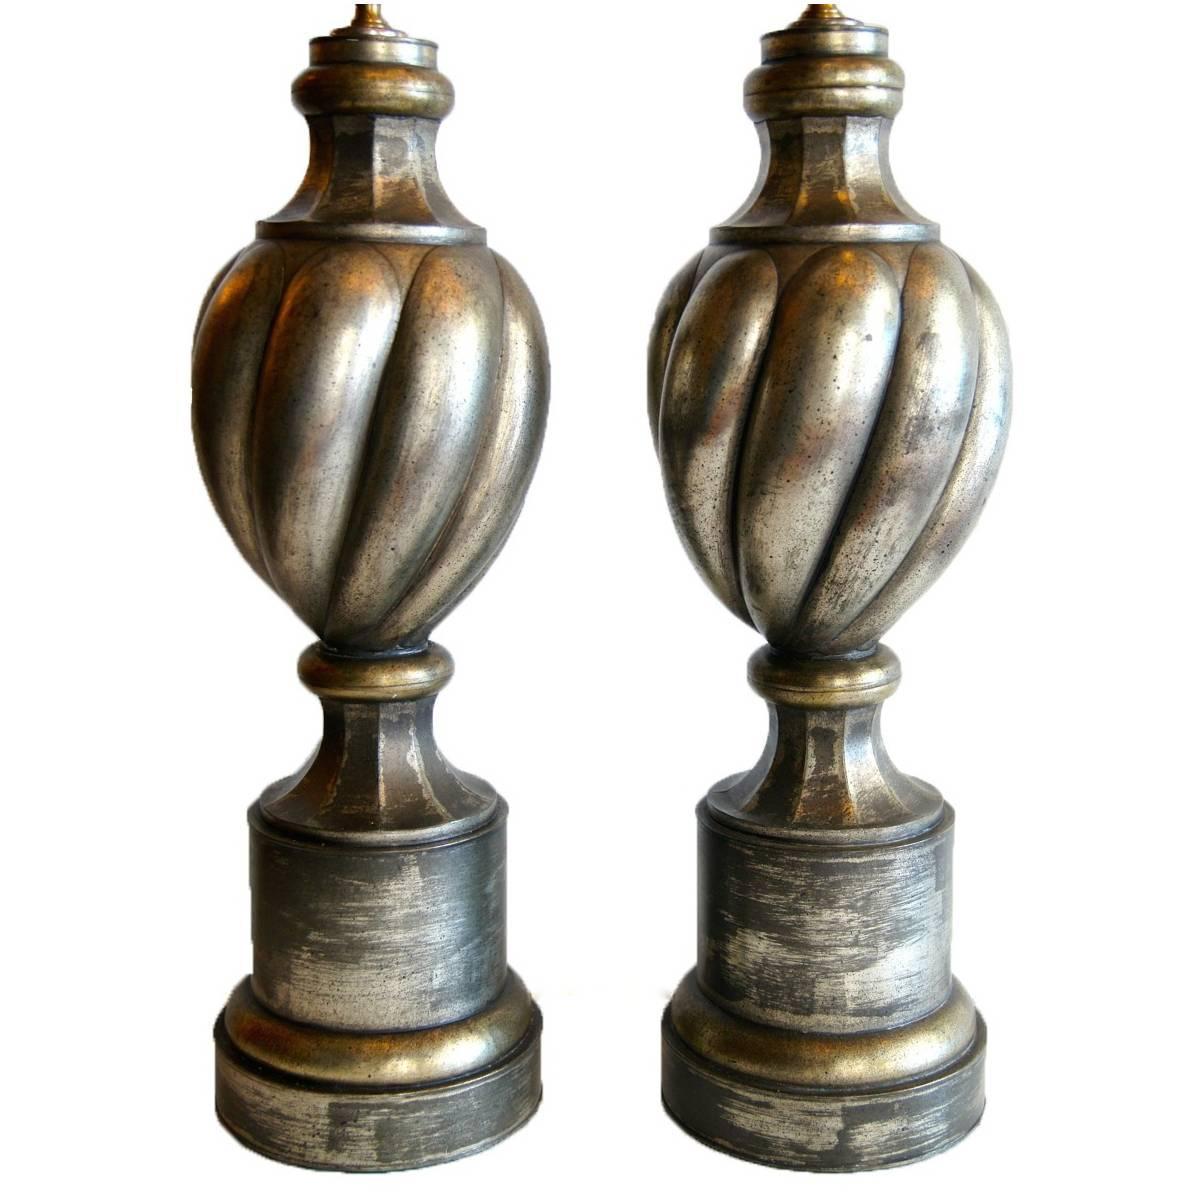 Pair of Metal Midcentury Table Lamps